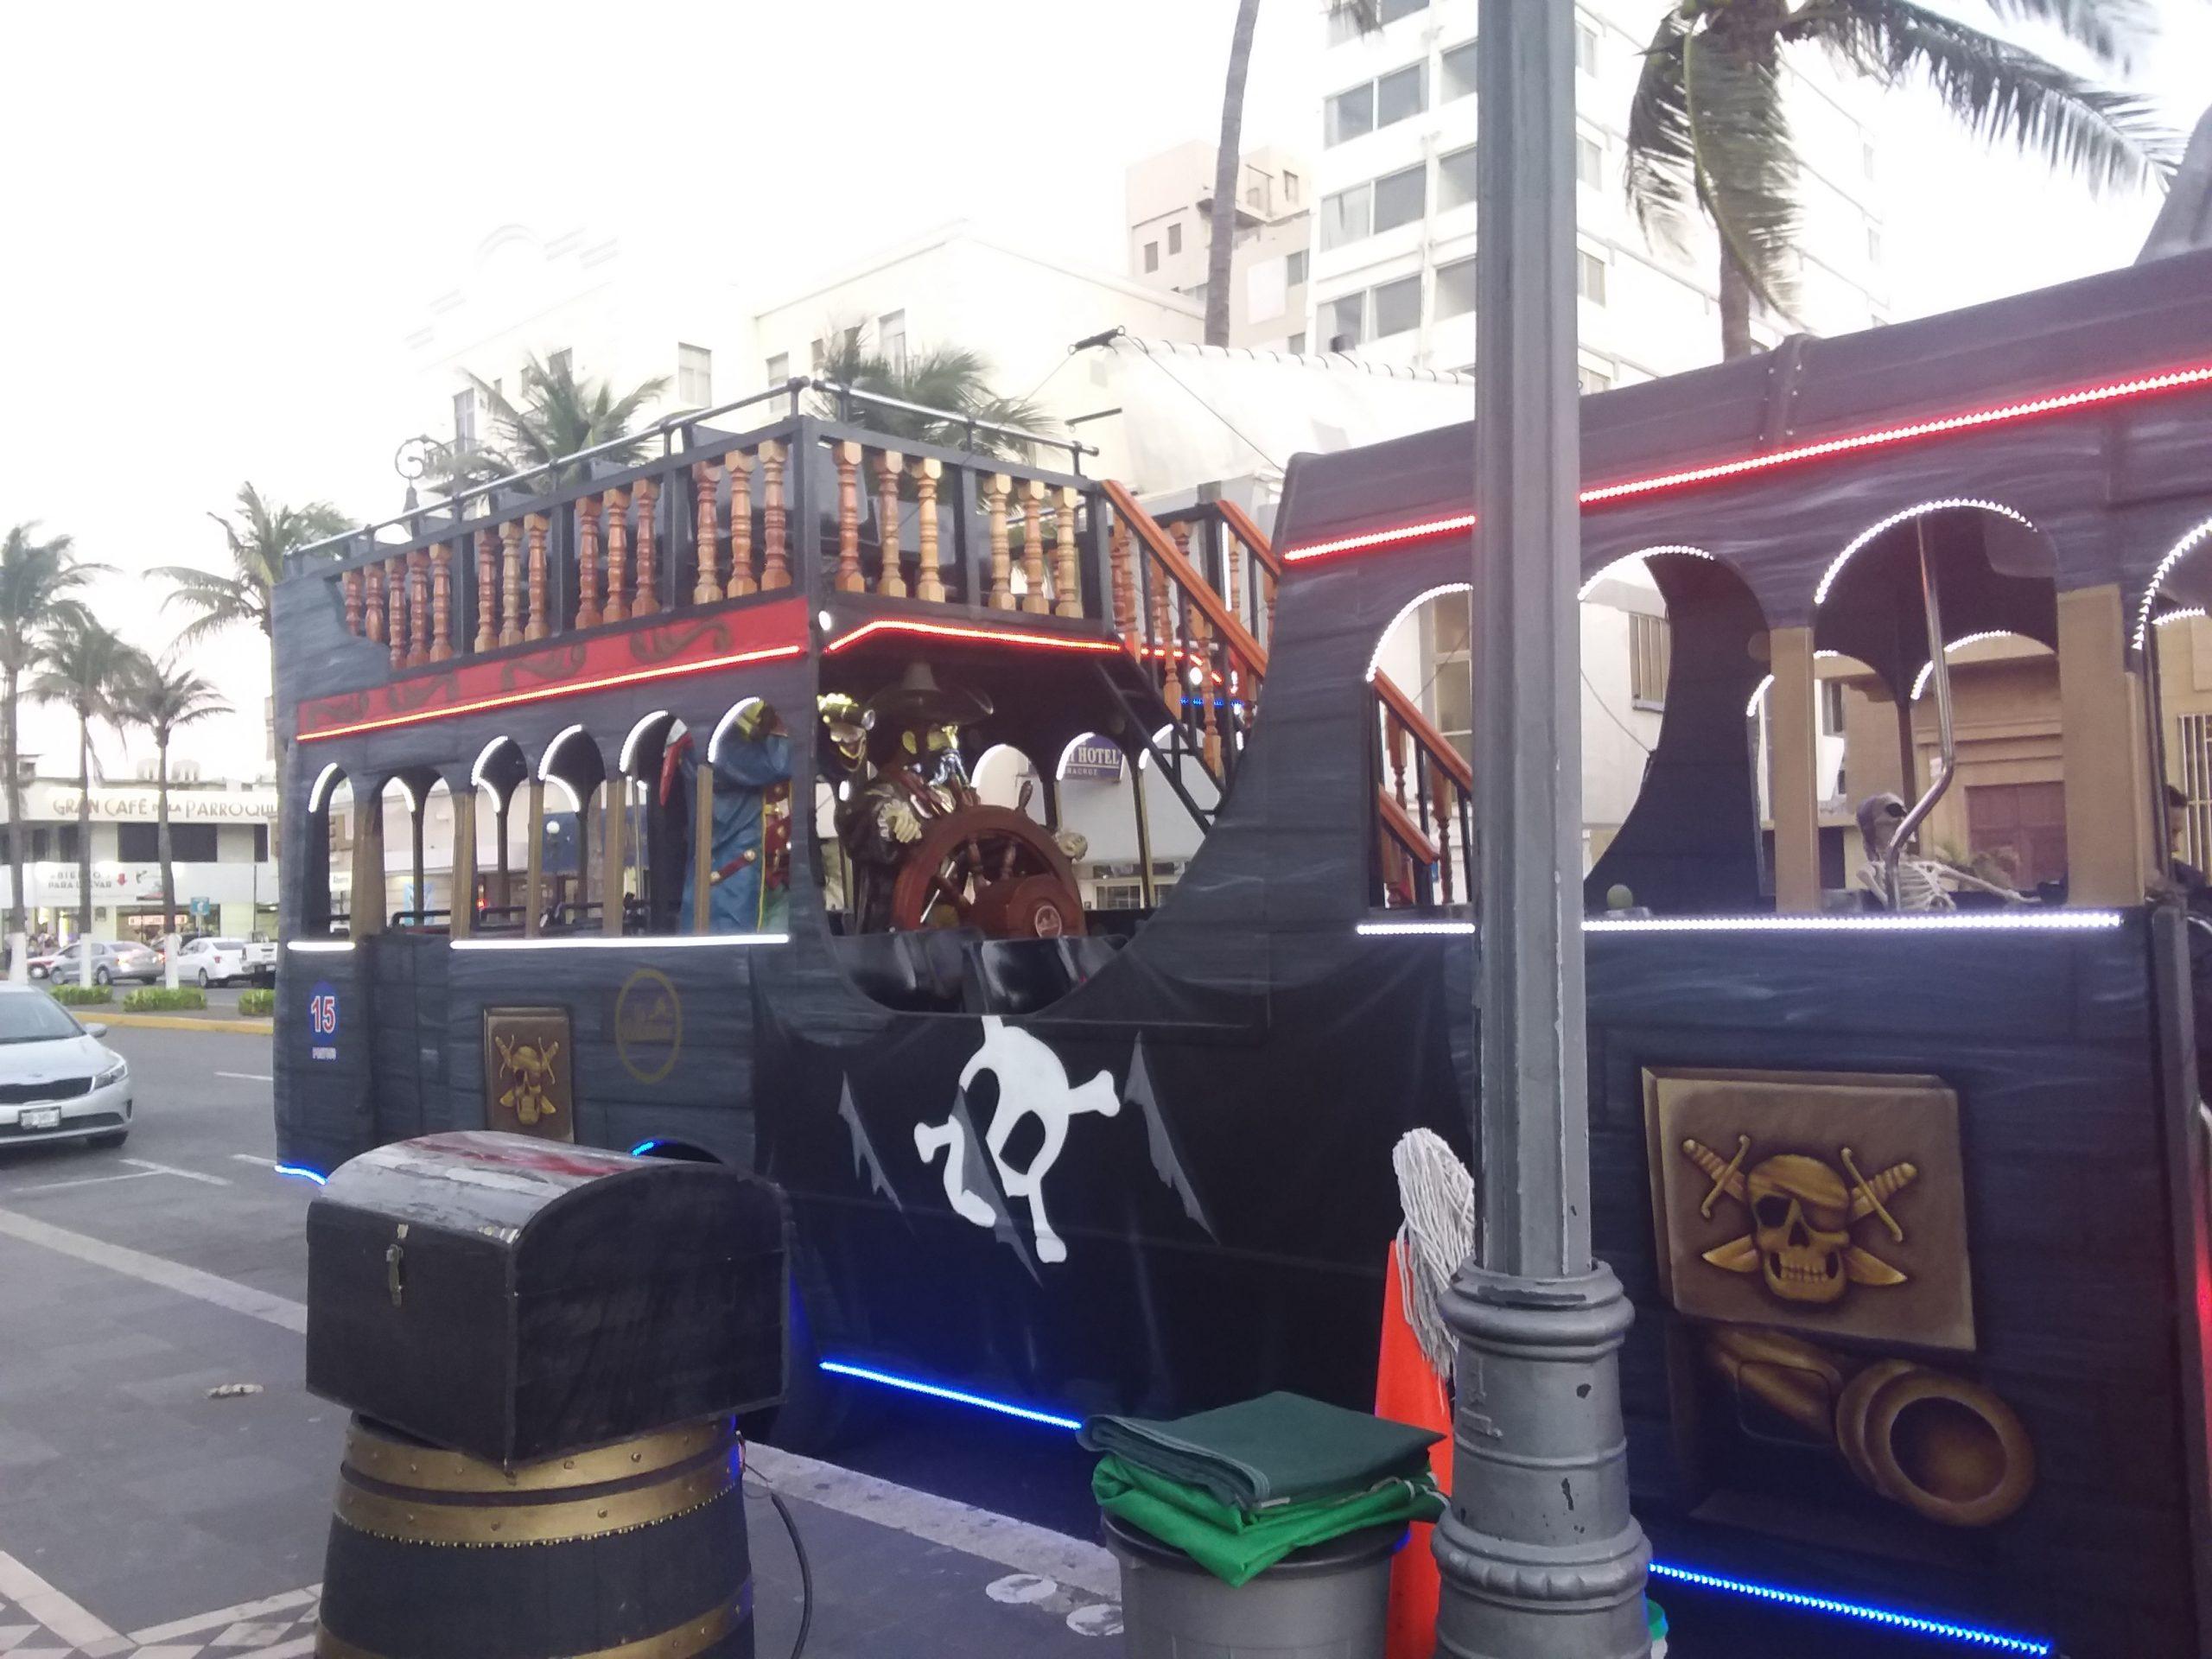 Autobus touristique veracruz